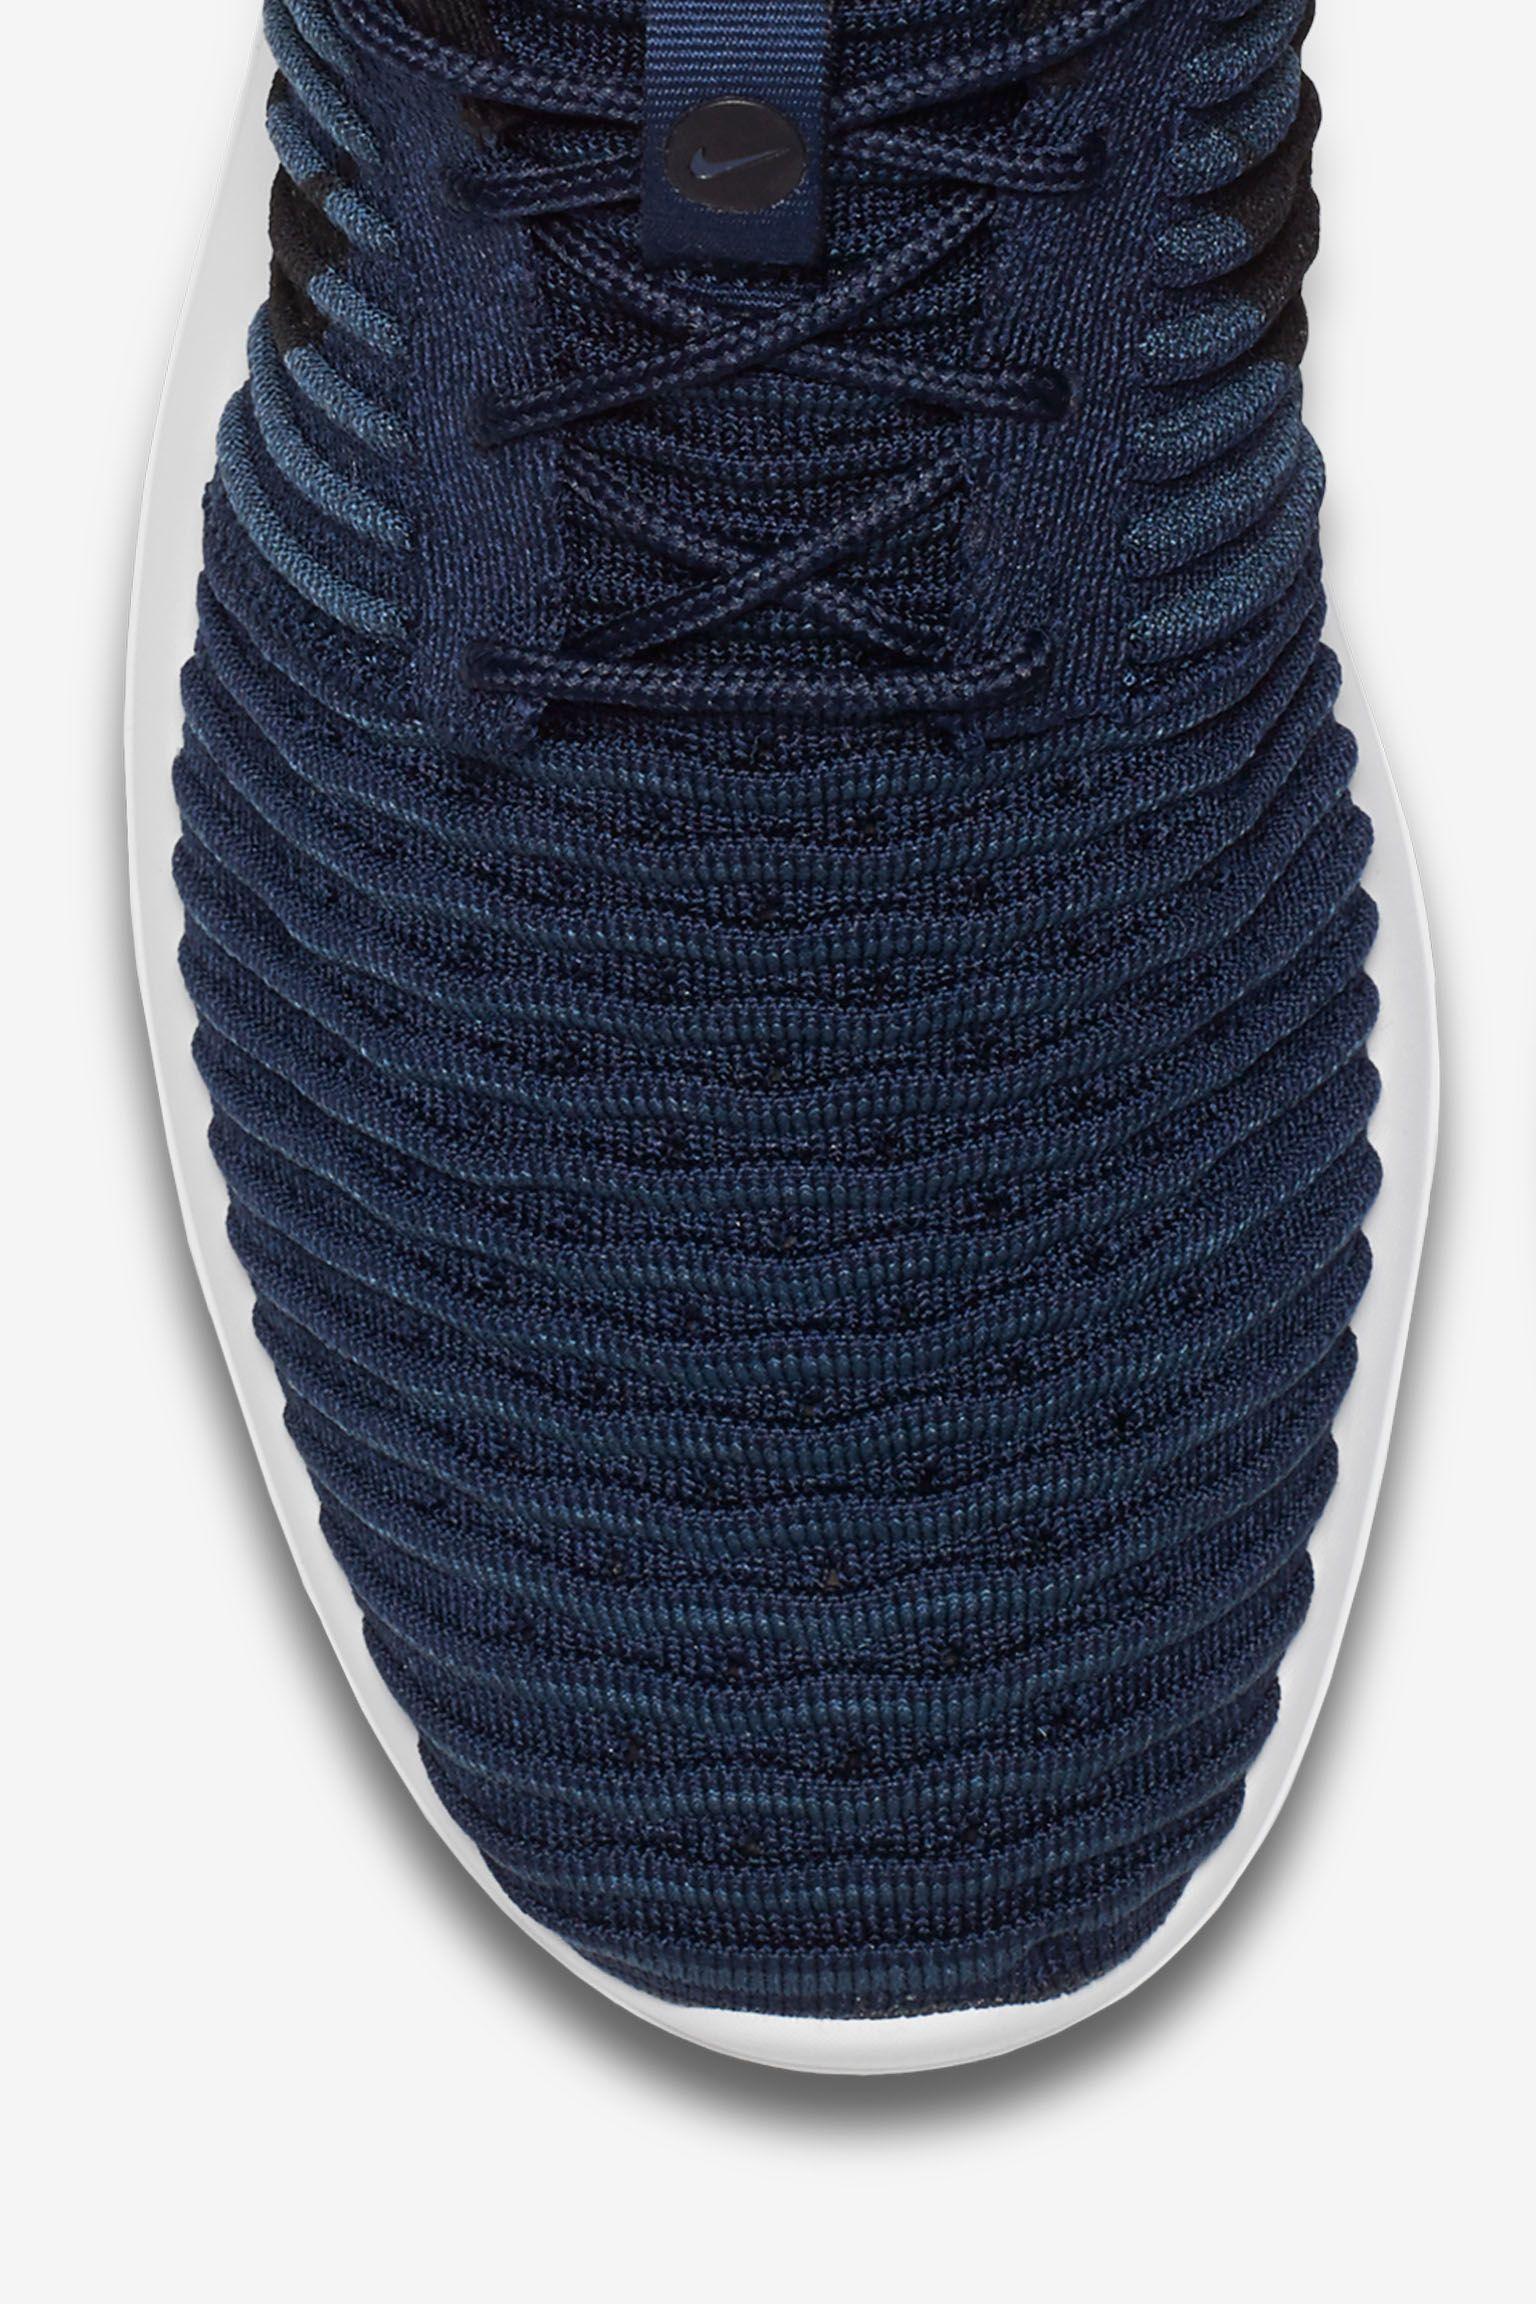 Nike Roshe 2 Flyknit 'College Navy & White'